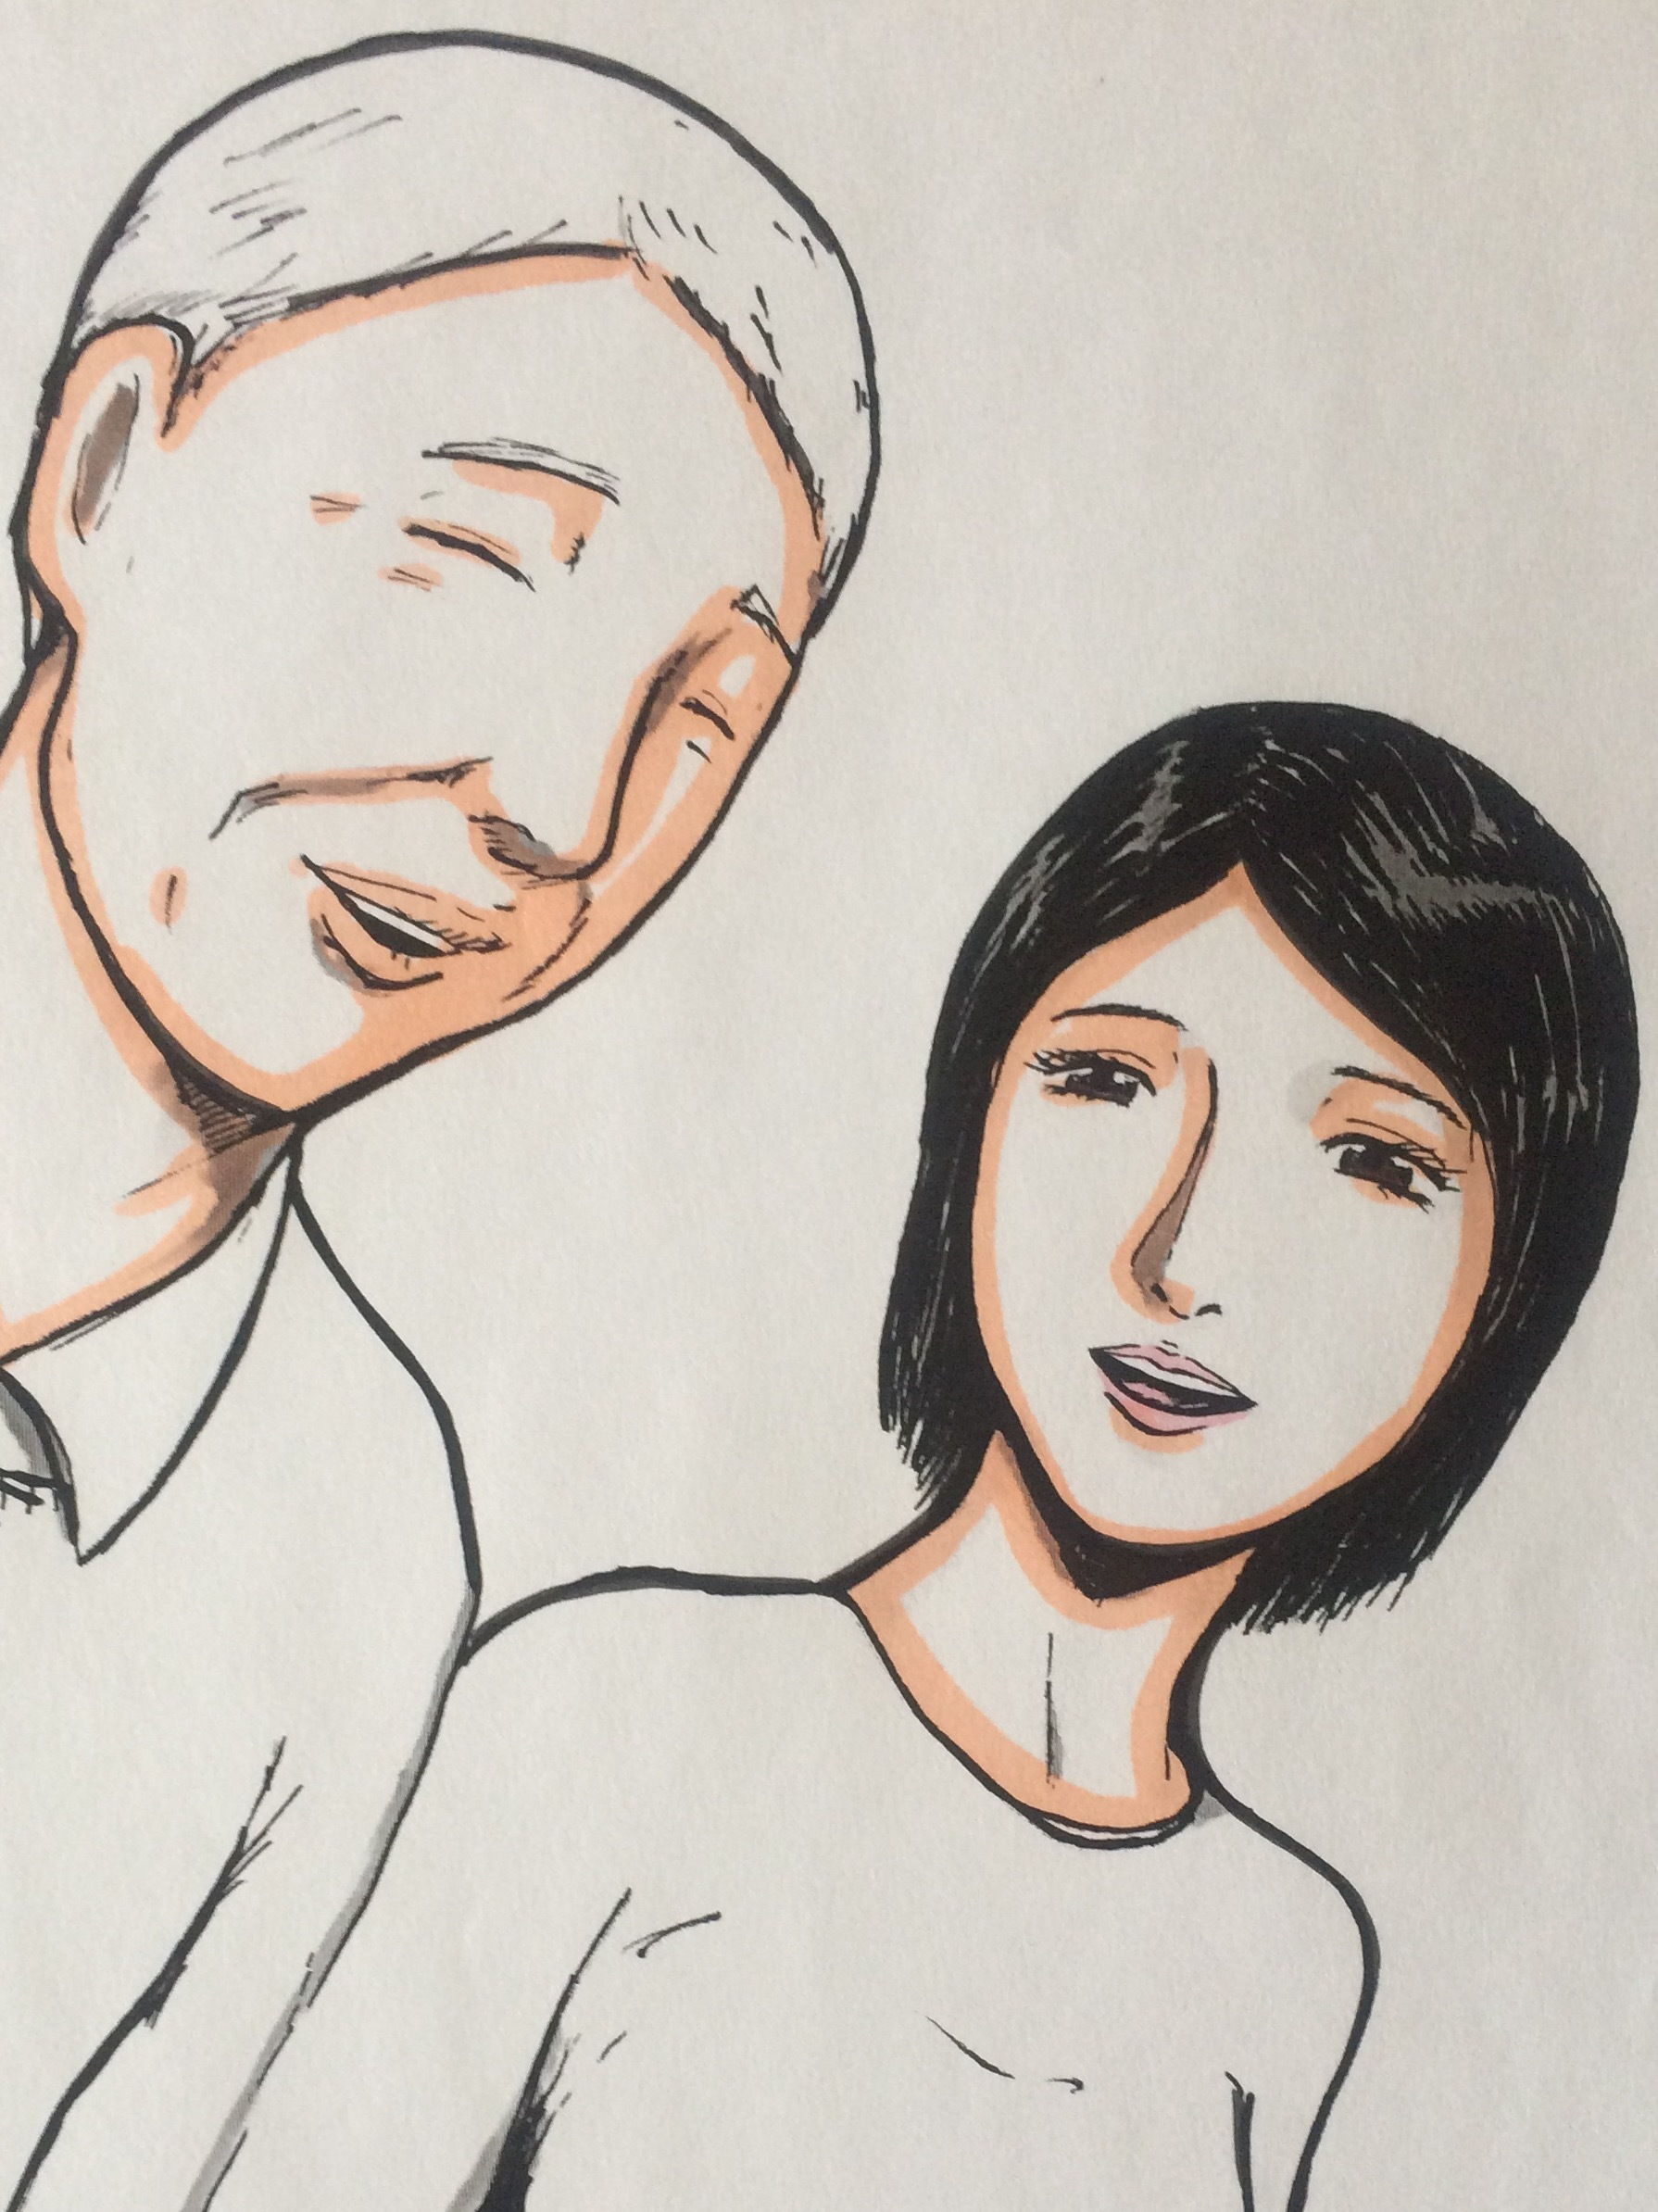 愛する夫と散歩する人妻へ向けられる邪な視線